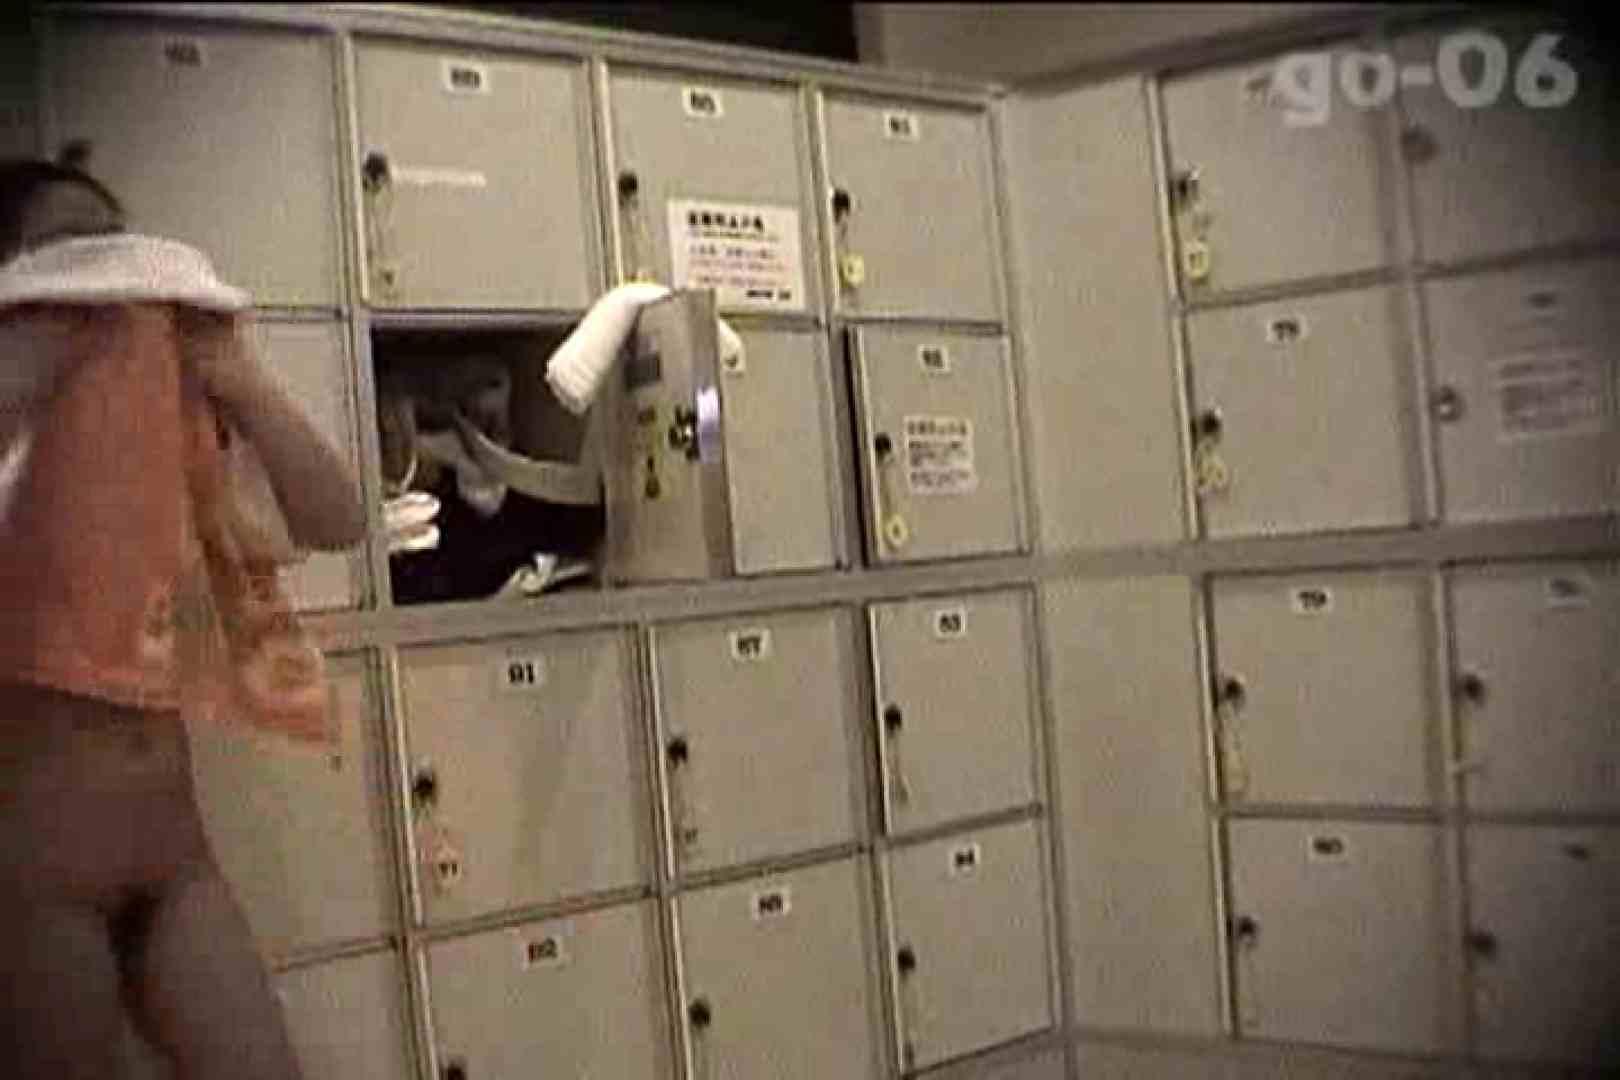 電波カメラ設置浴場からの防HAN映像 Vol.06 チラ | 盗撮  71pic 64